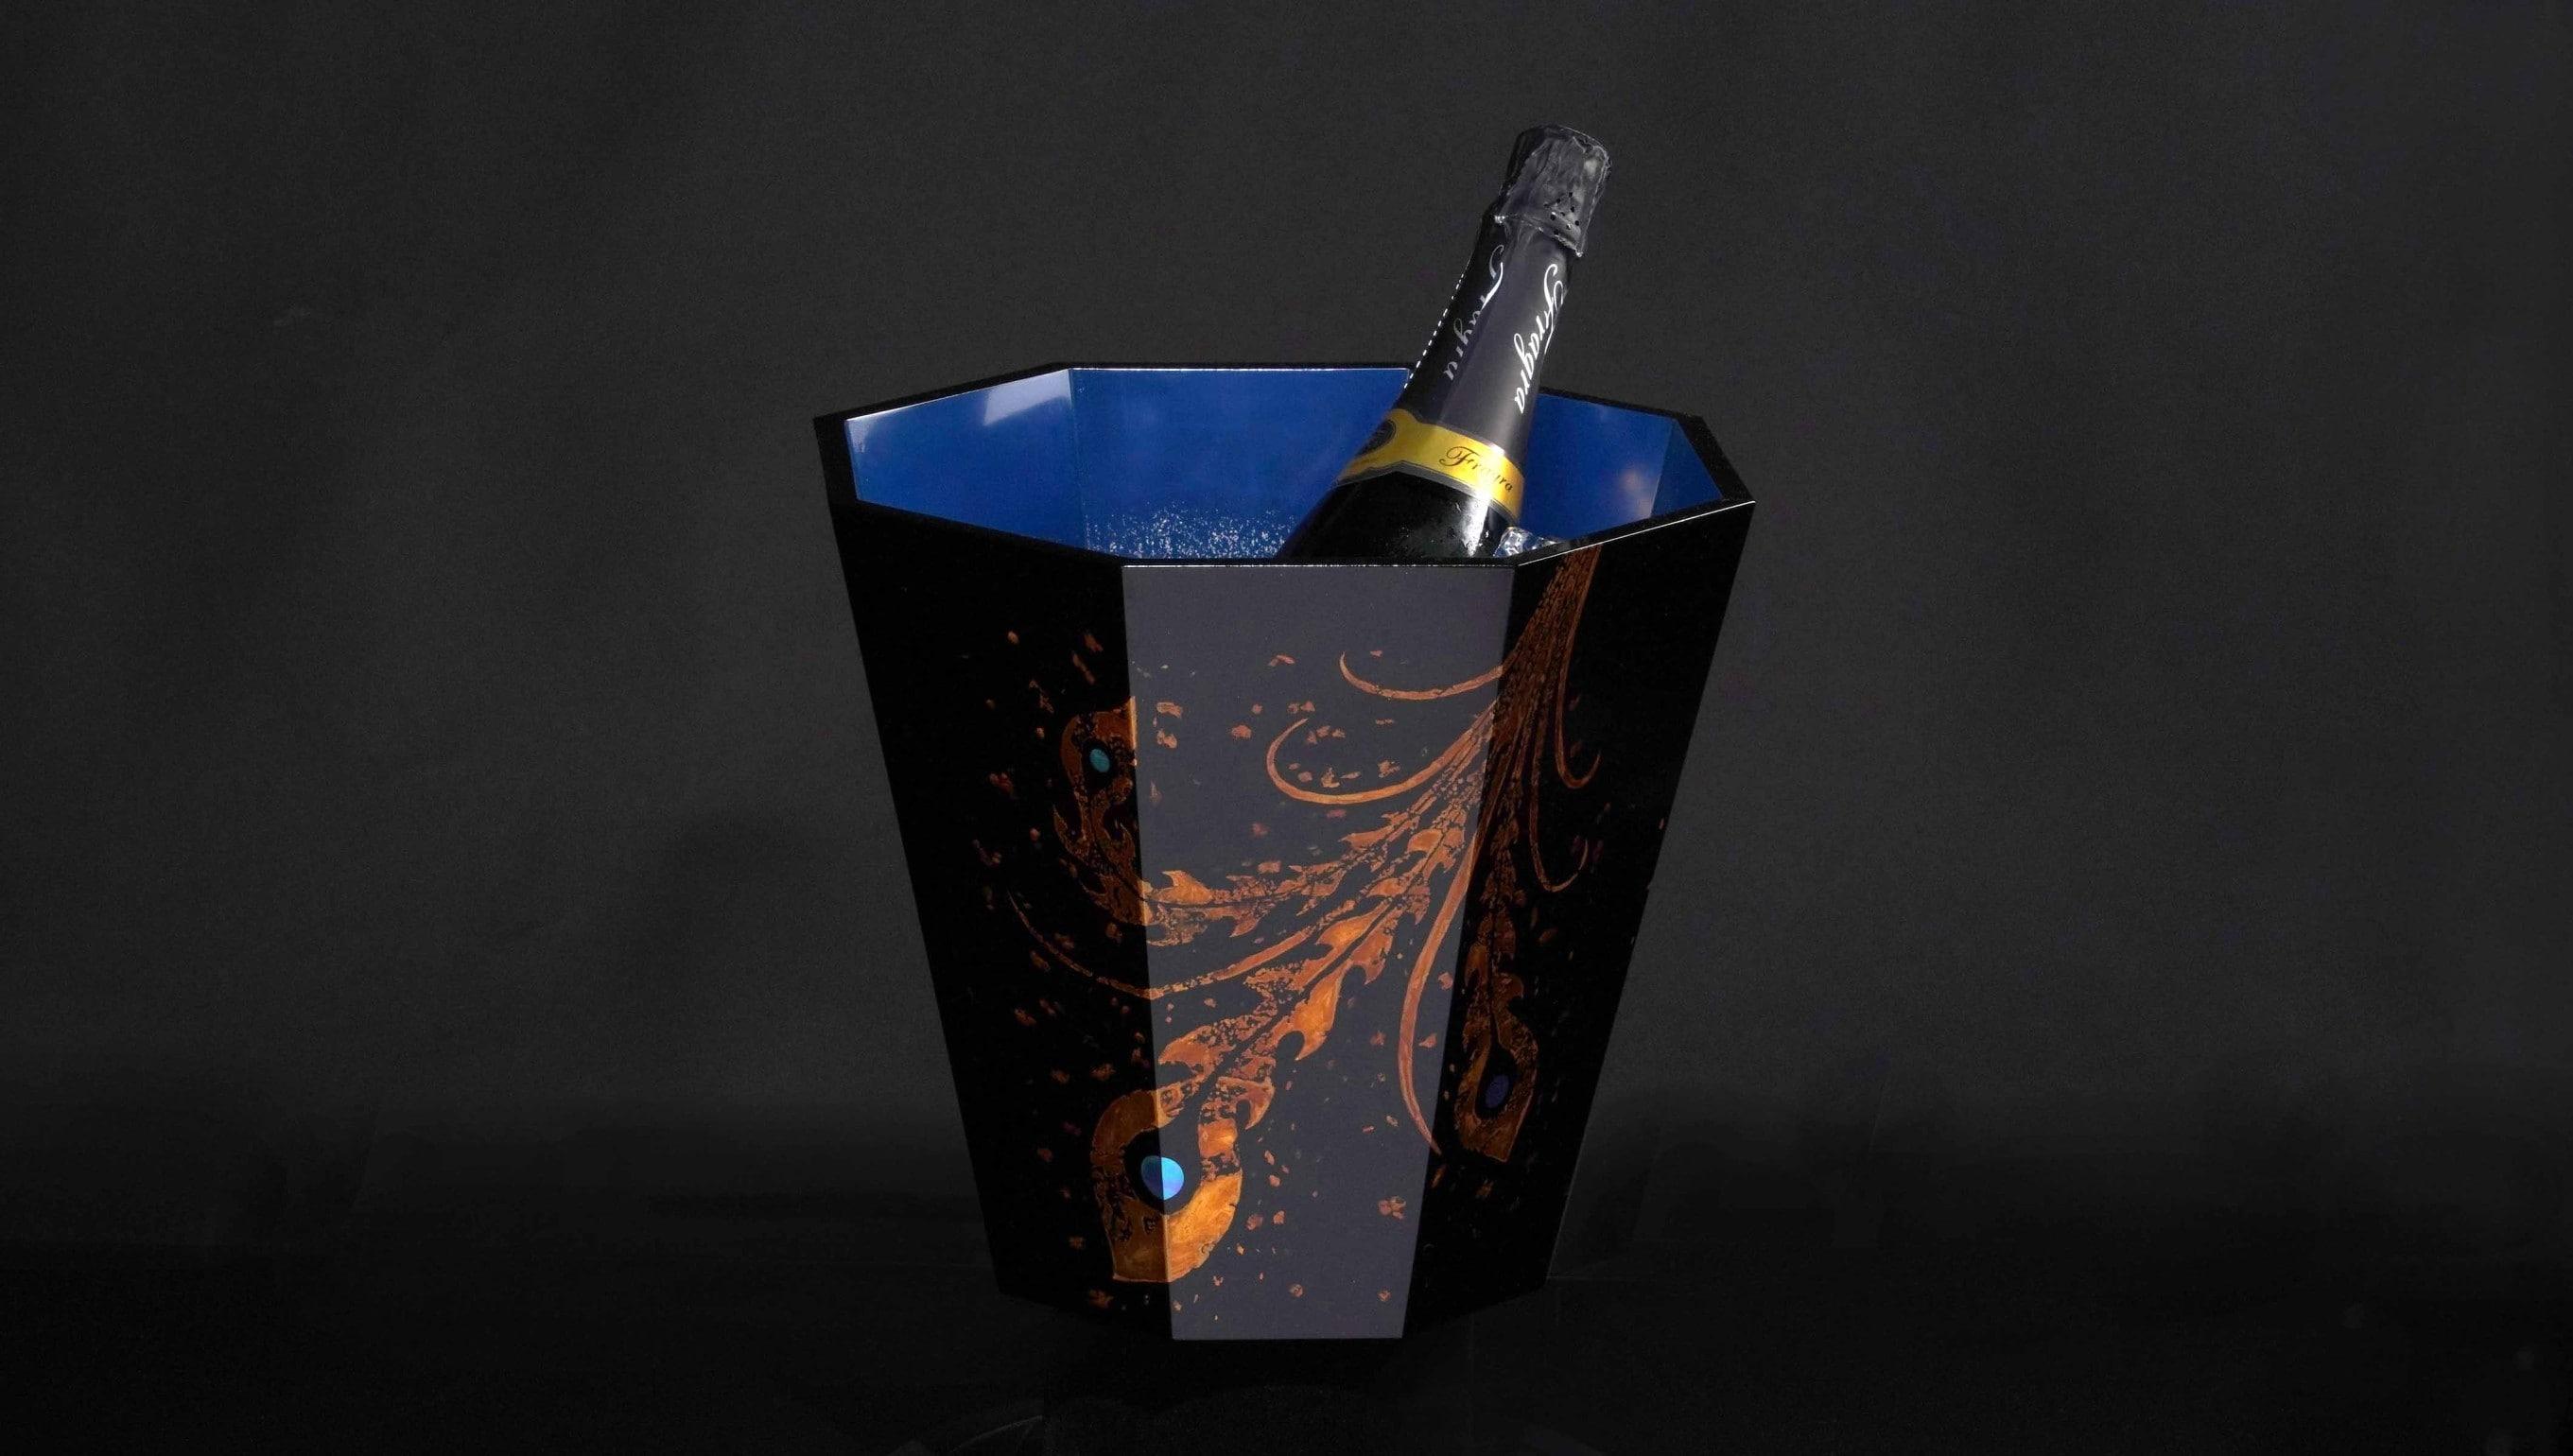 りゅうぎん琉球漆芸技術伝承支援事業|琉球漆器ワインクーラー鳳凰|